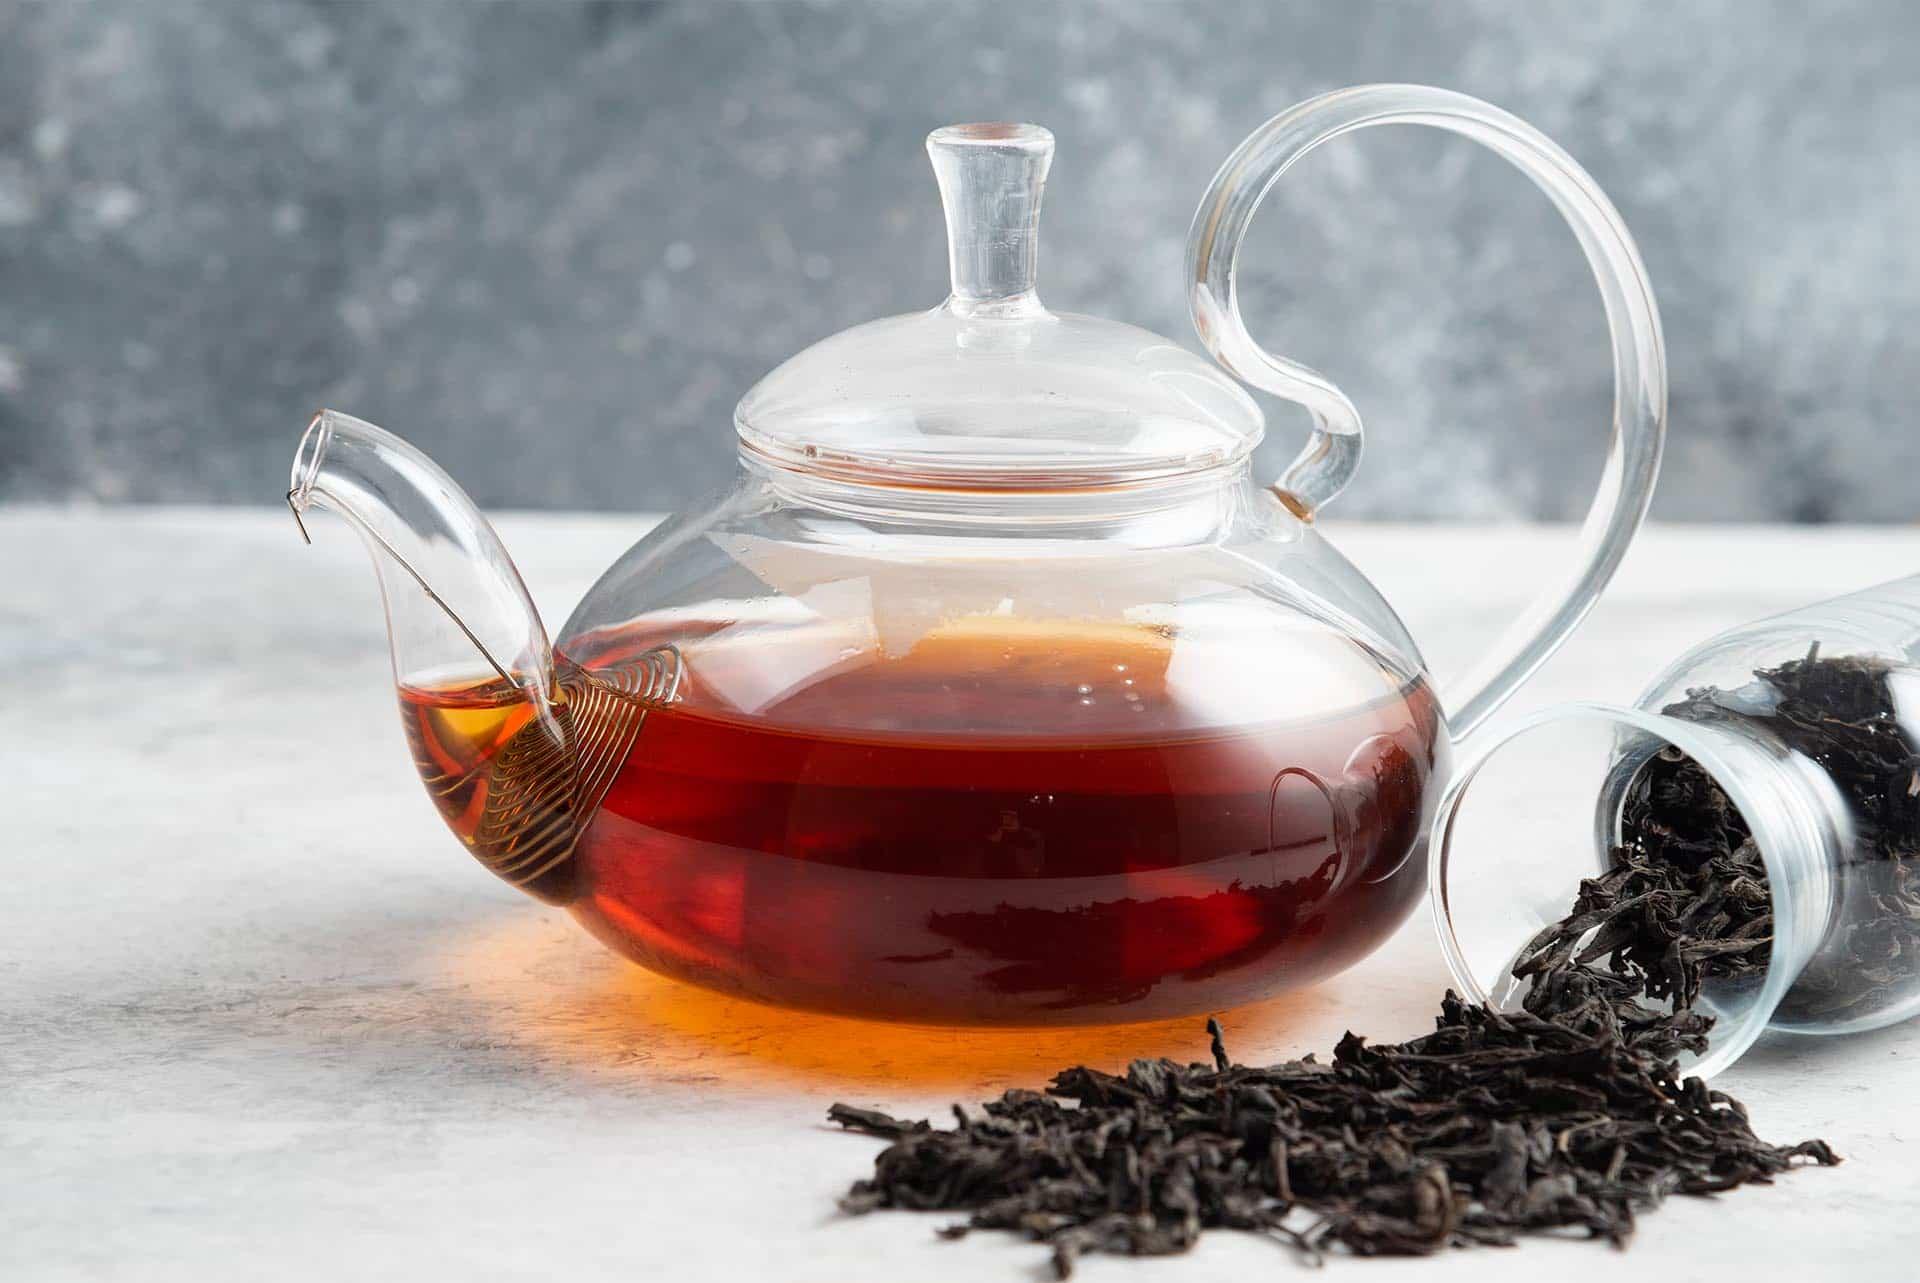 Gevşek Yaprak Vs Geleneksel Çay Poşetleri: Bilmeniz Gereken Ana Farklar